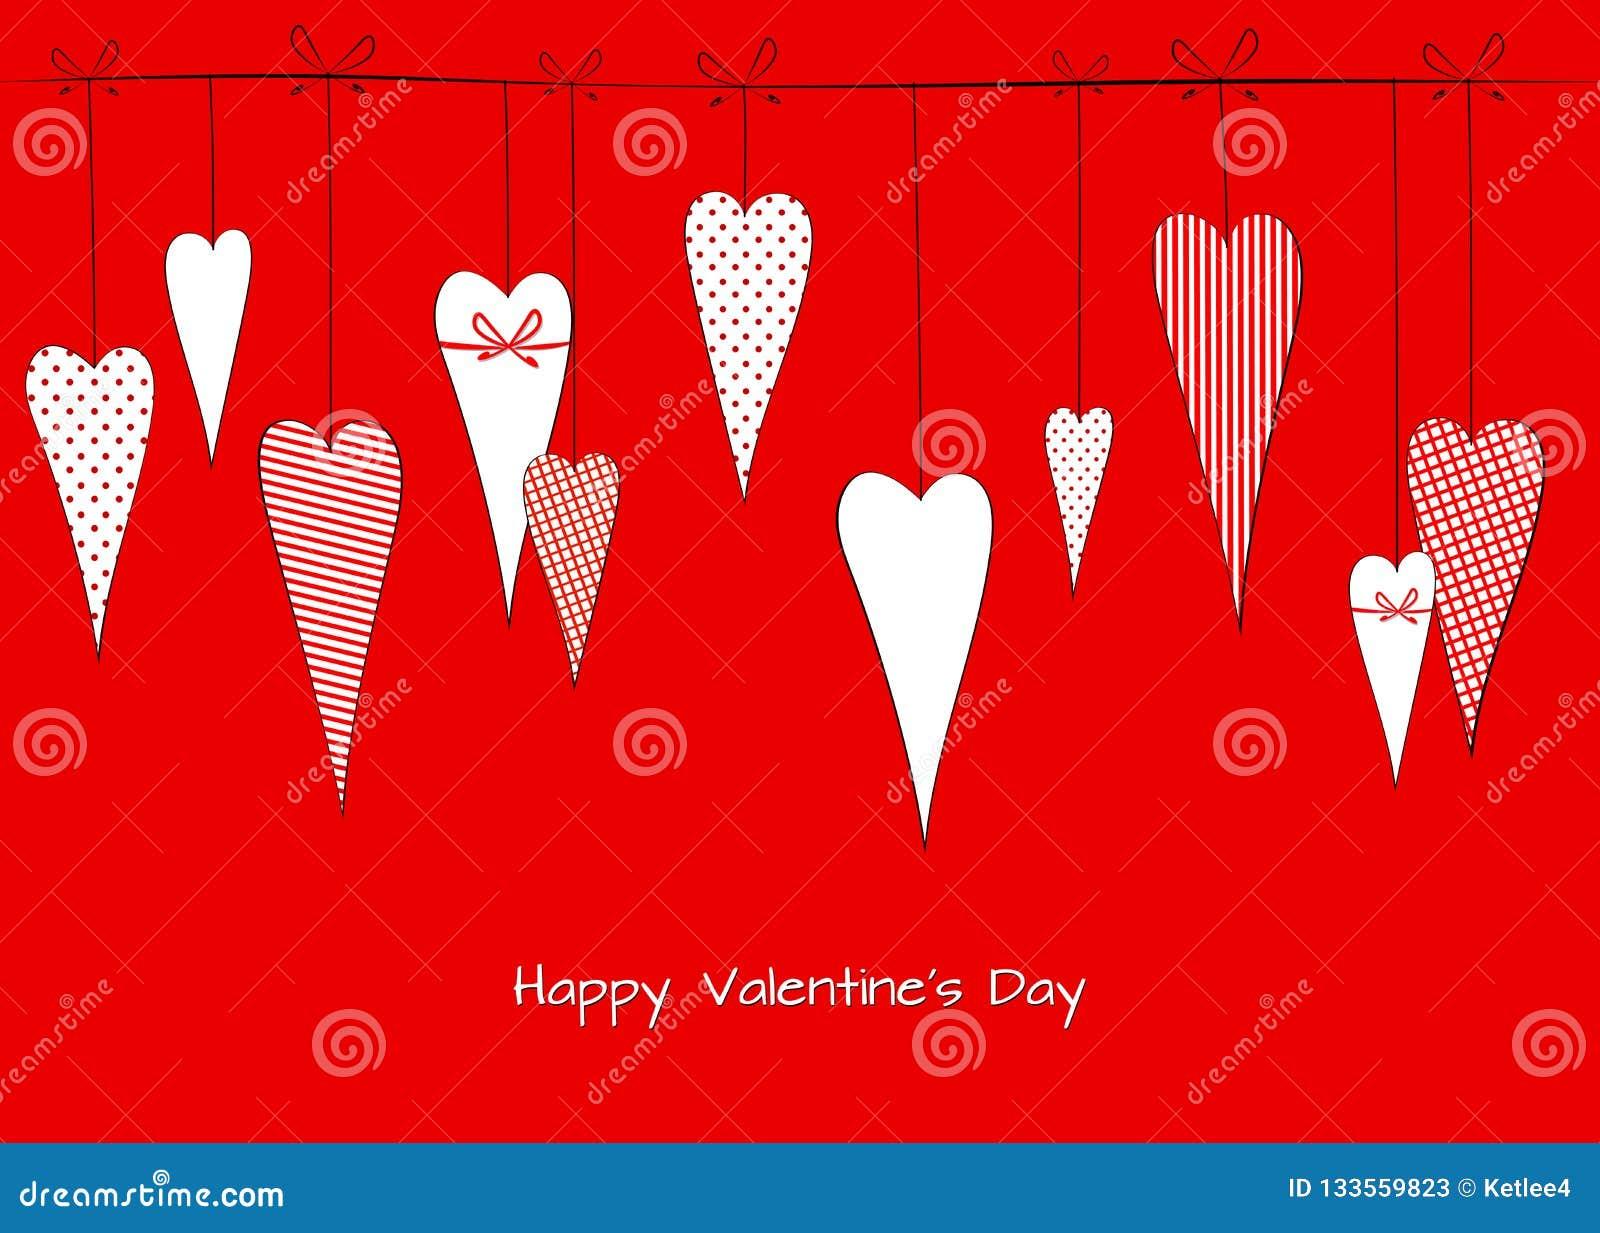 与乱画心脏图画的样式在豌豆的镶边了情人节喜帖的笼子装饰浪漫背景